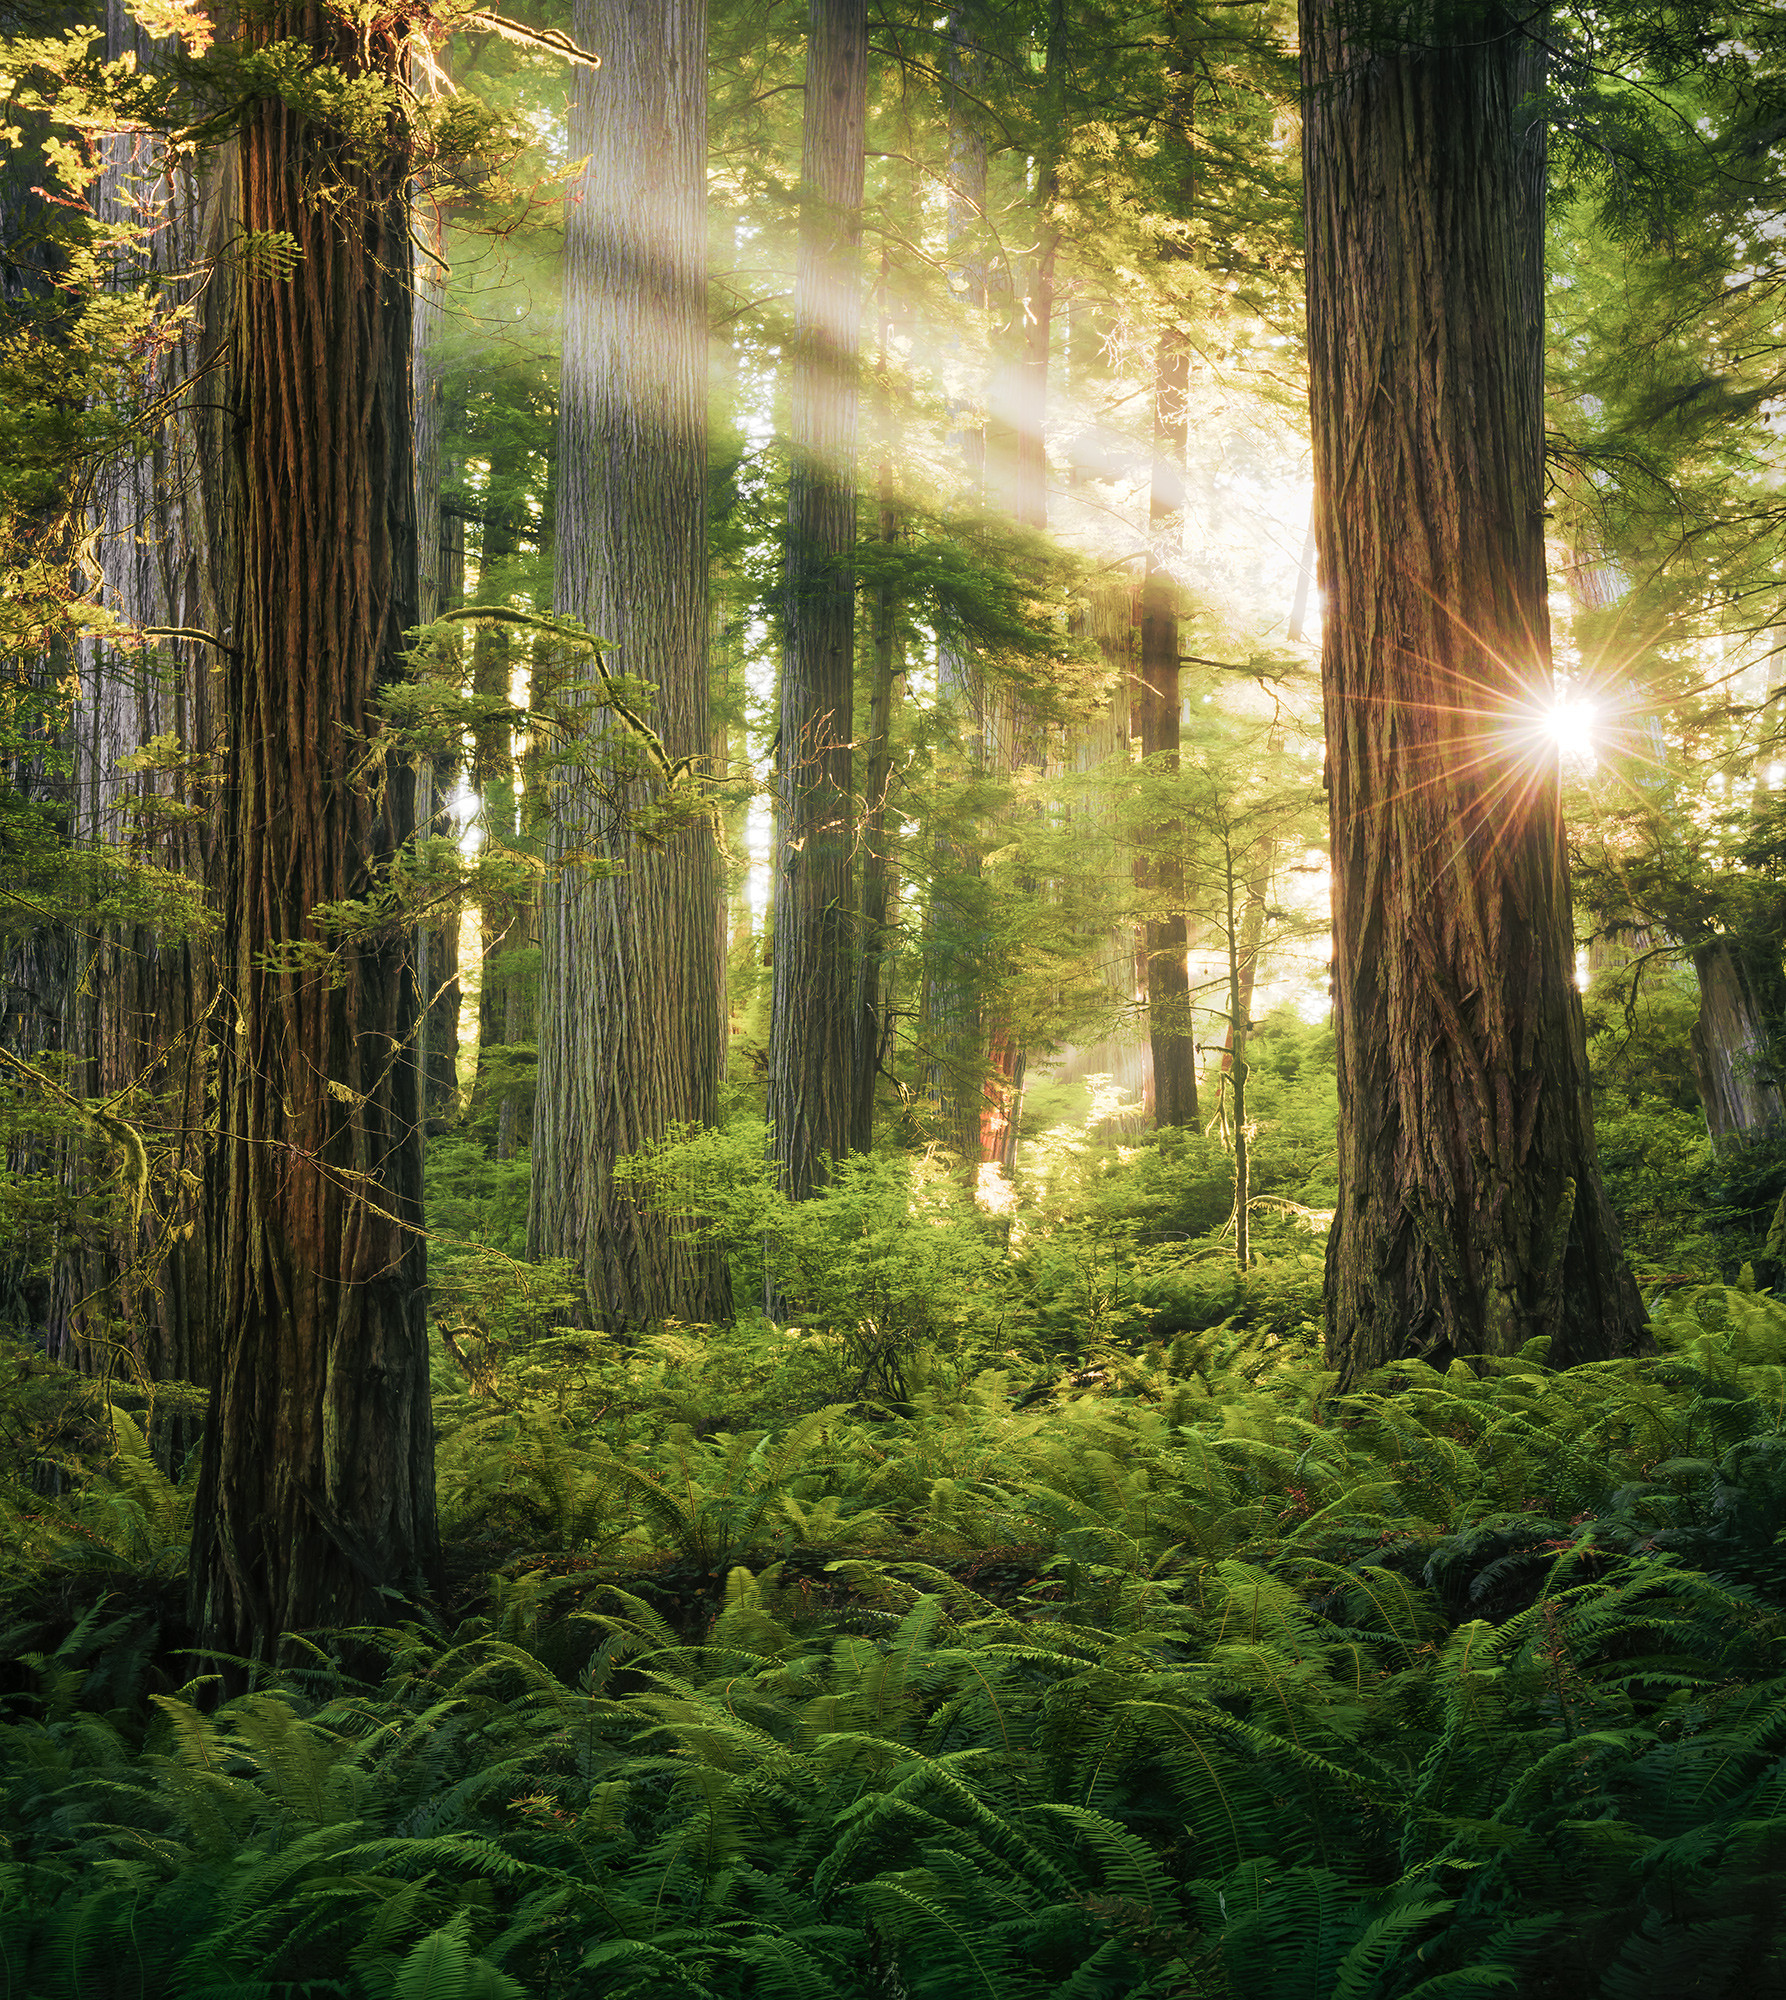 Goblins Woods